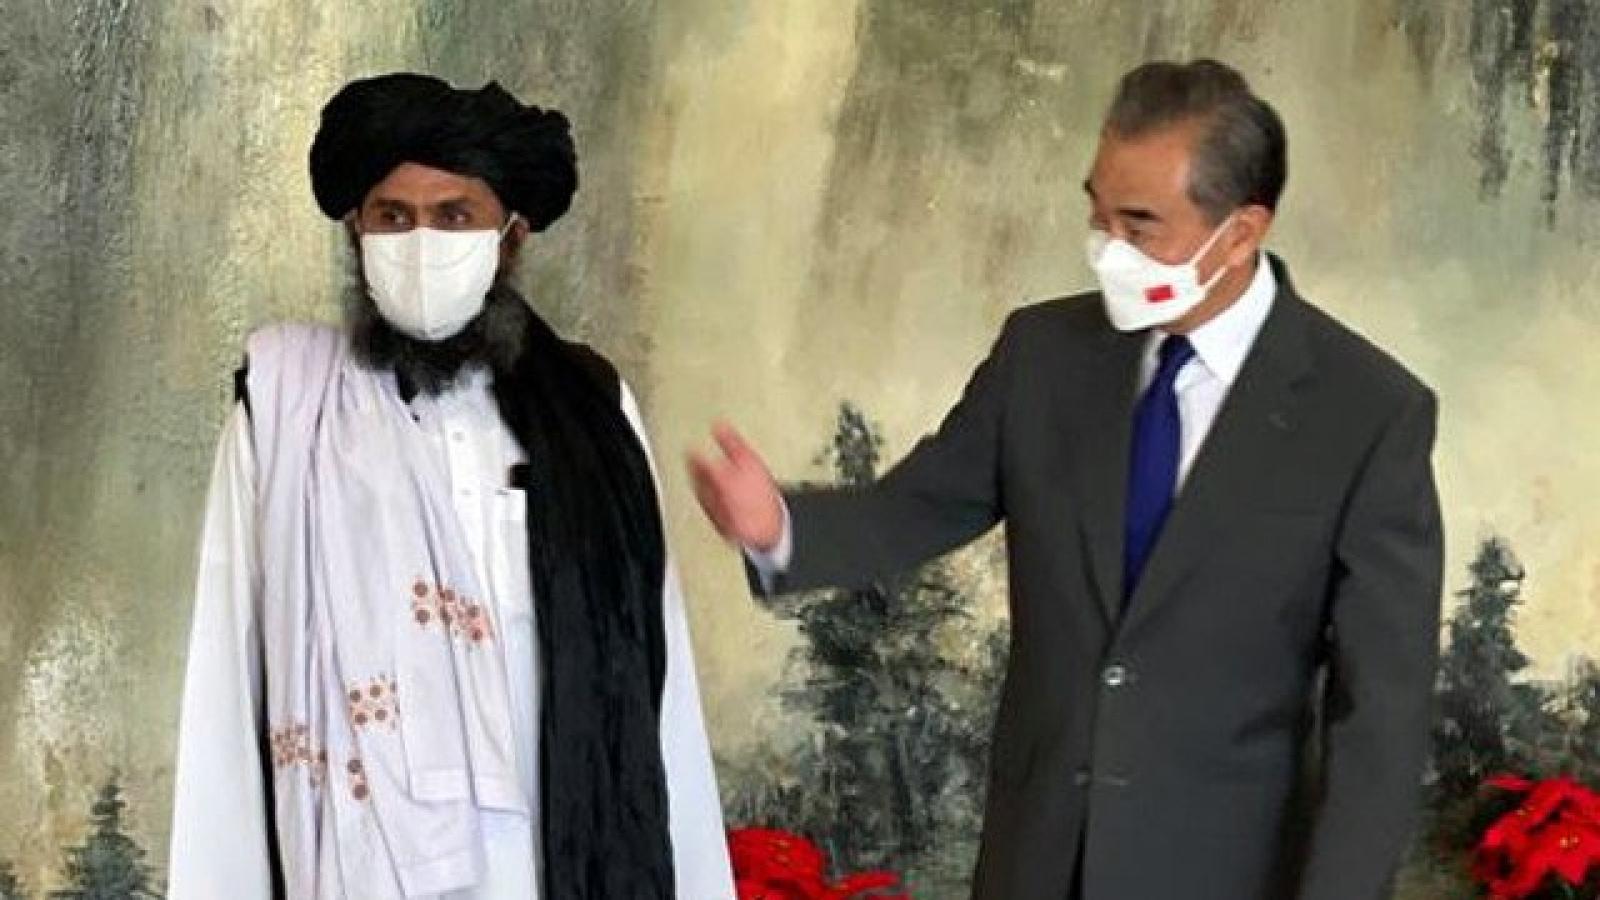 """Trung Quốc """"trao quà"""" cho Taliban, Mỹ cảnh báo Afghanistan sẽ bị quốc tế bài xích"""